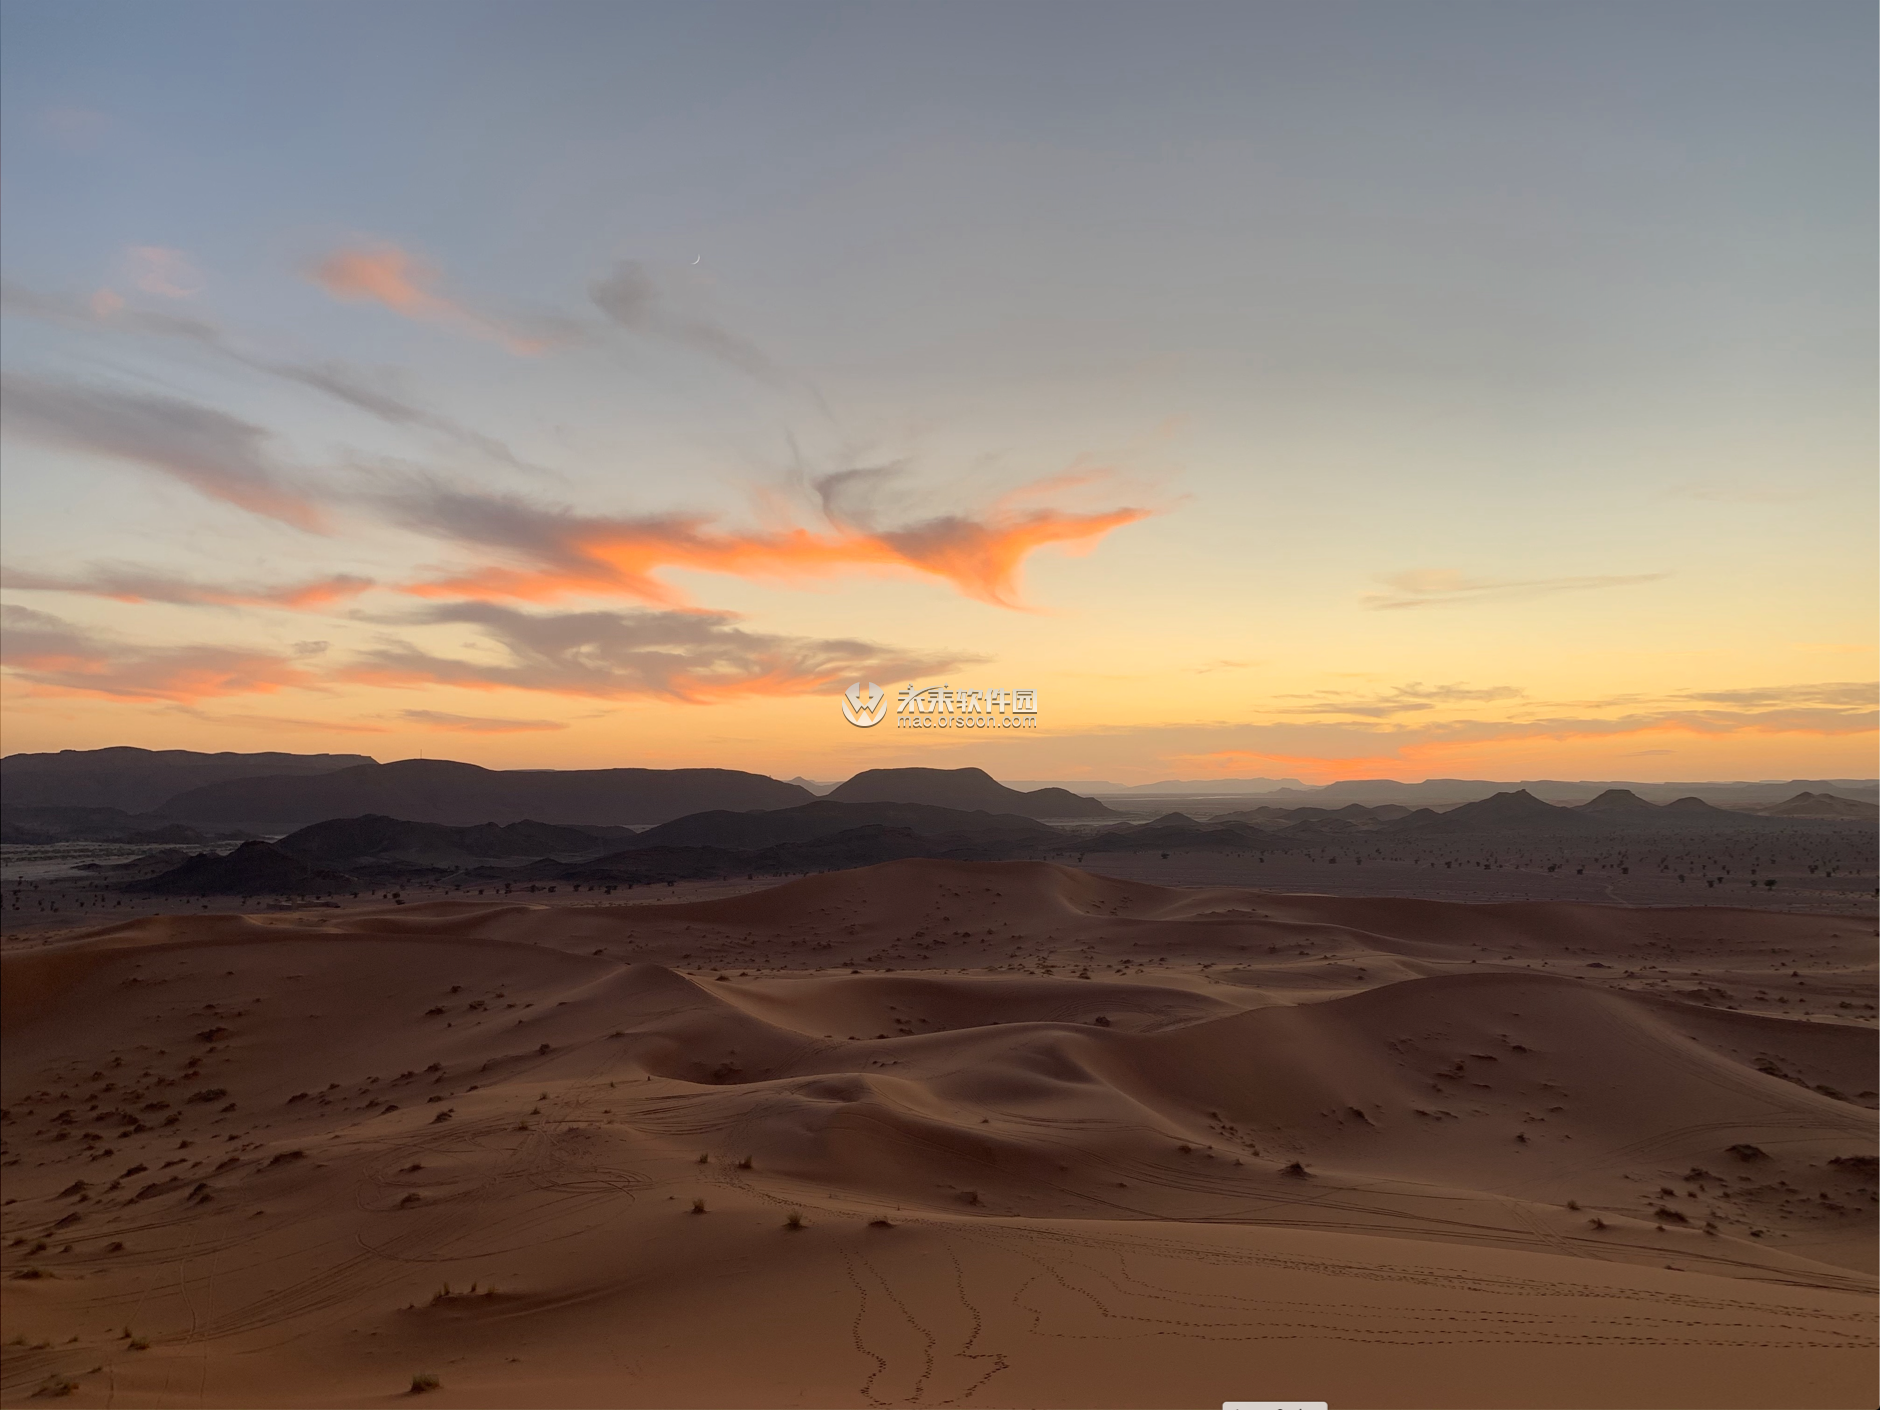 撒哈拉沙漠动态壁纸